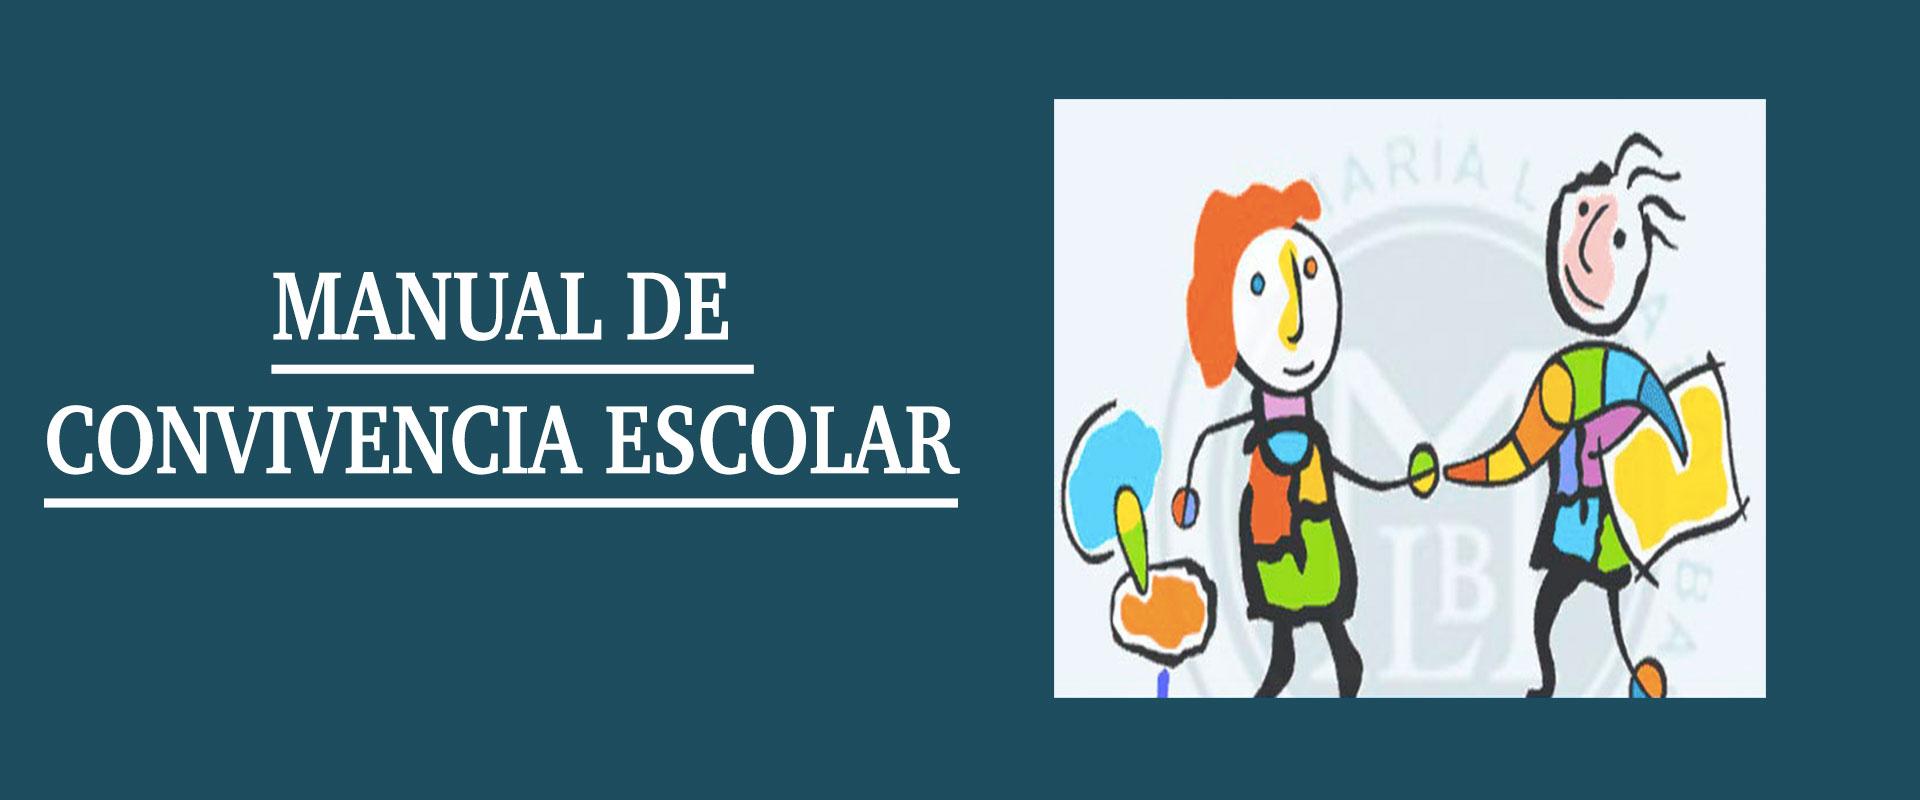 Manual De Convivencia Escolar Maria Luisa Bombal